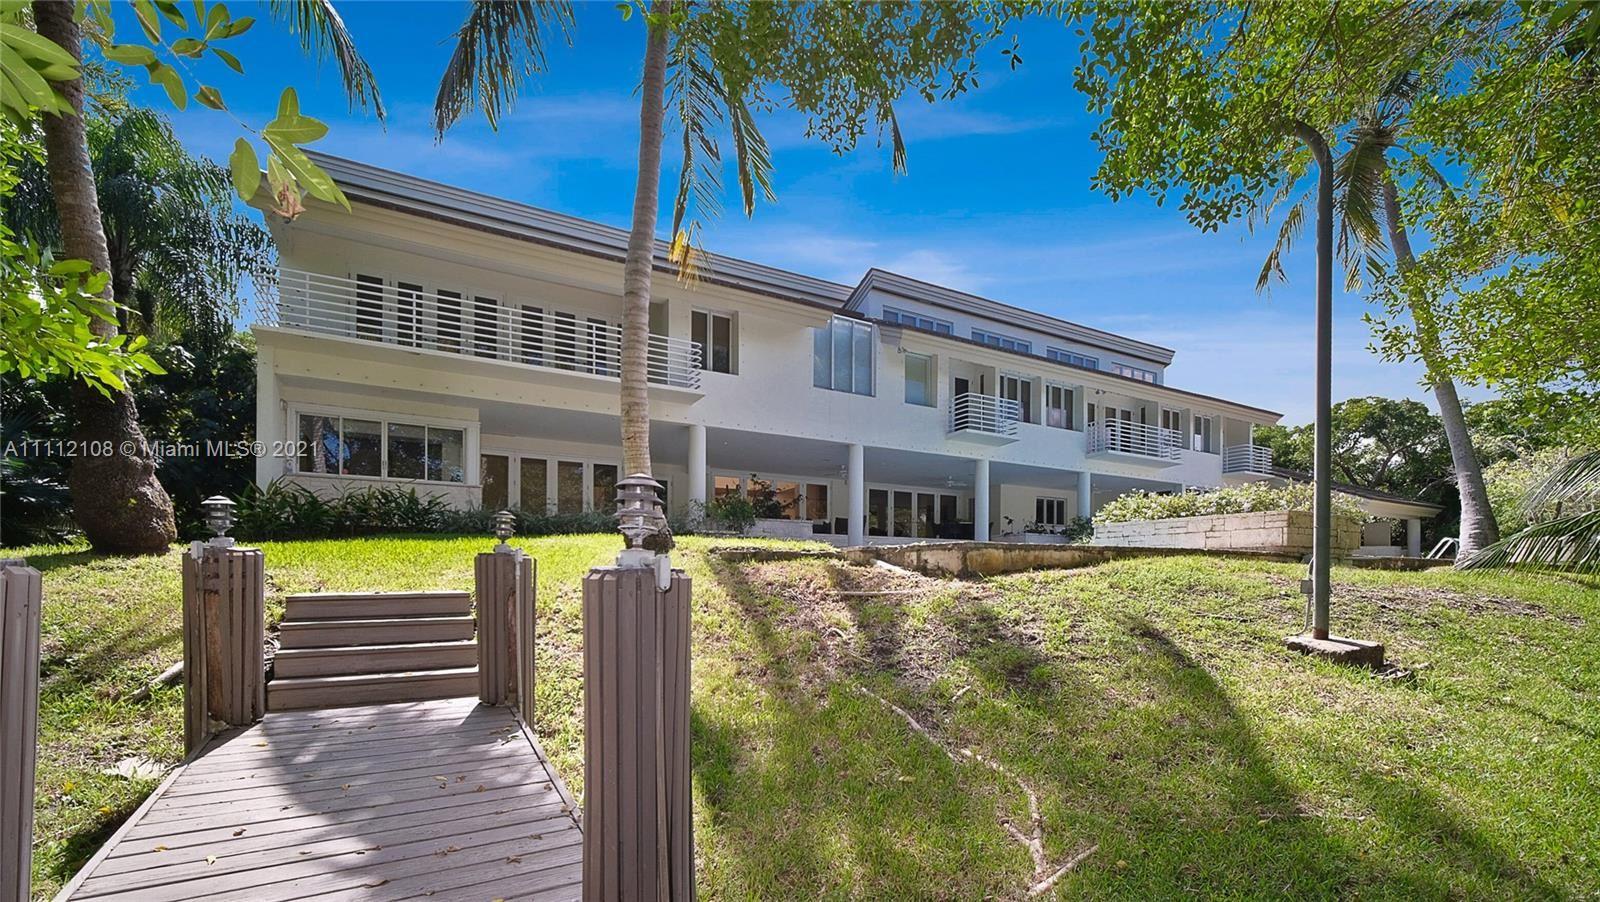 Photo of 301 Casuarina Concourse, Coral Gables, FL 33143 (MLS # A11112108)